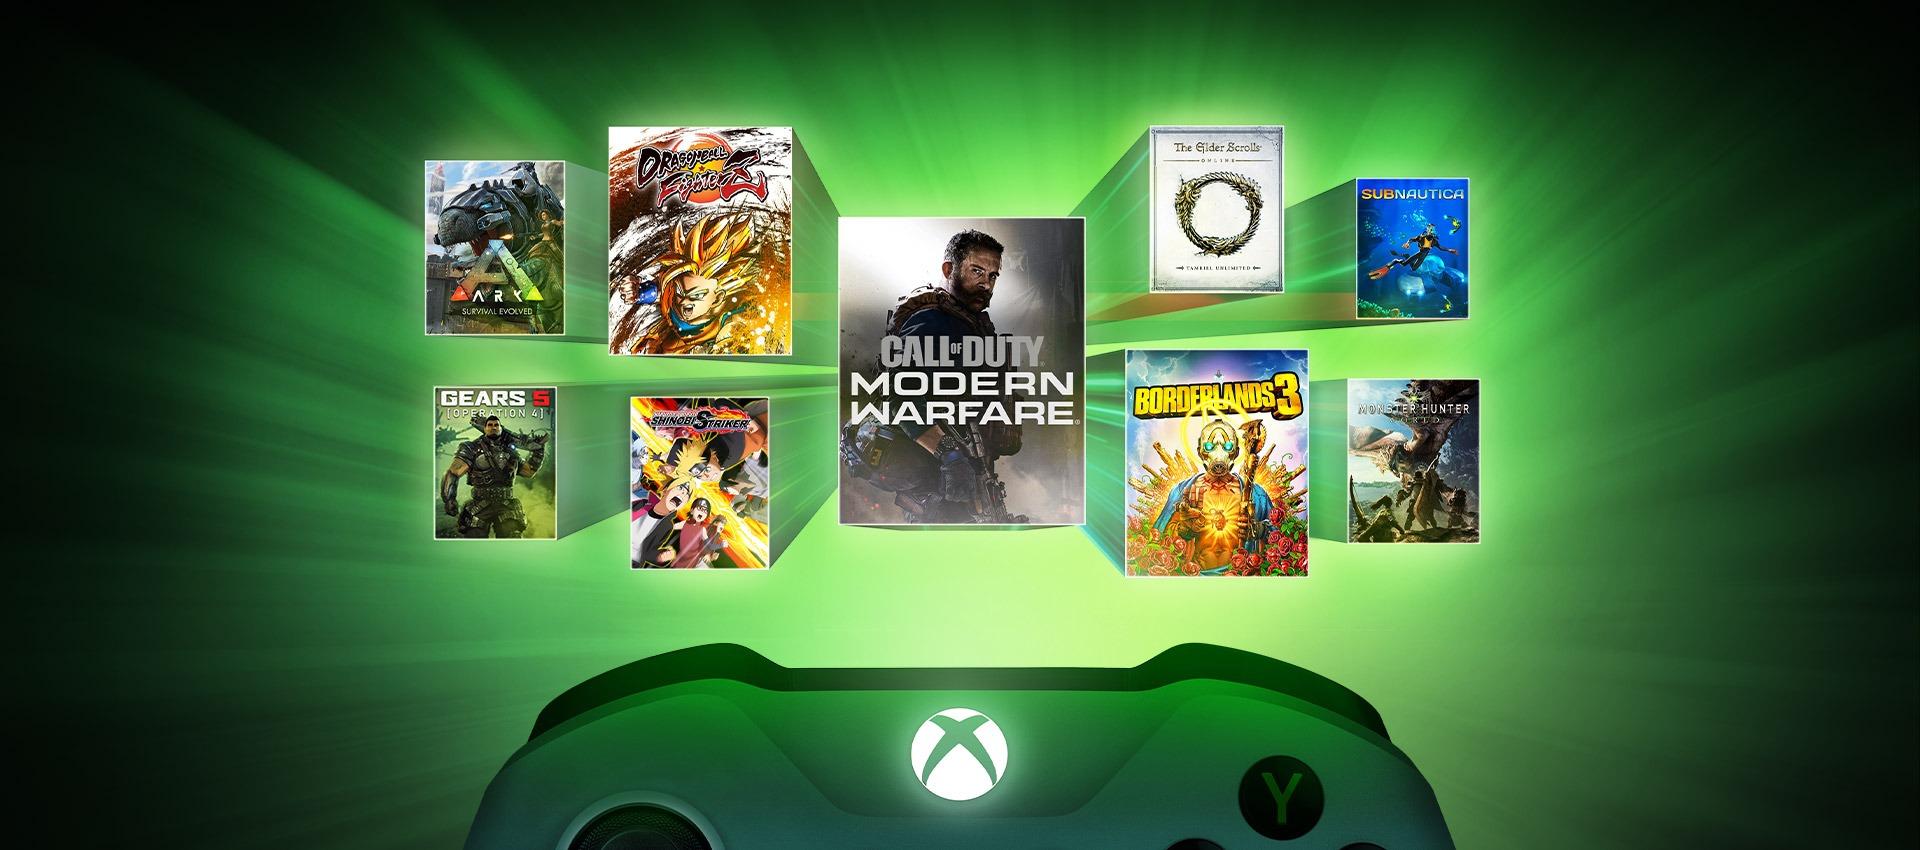 Już dziś zaczyna się darmowy weekend na Xbox i PC, dzięki któremu zagramy bez opłat w popularne tytuły!